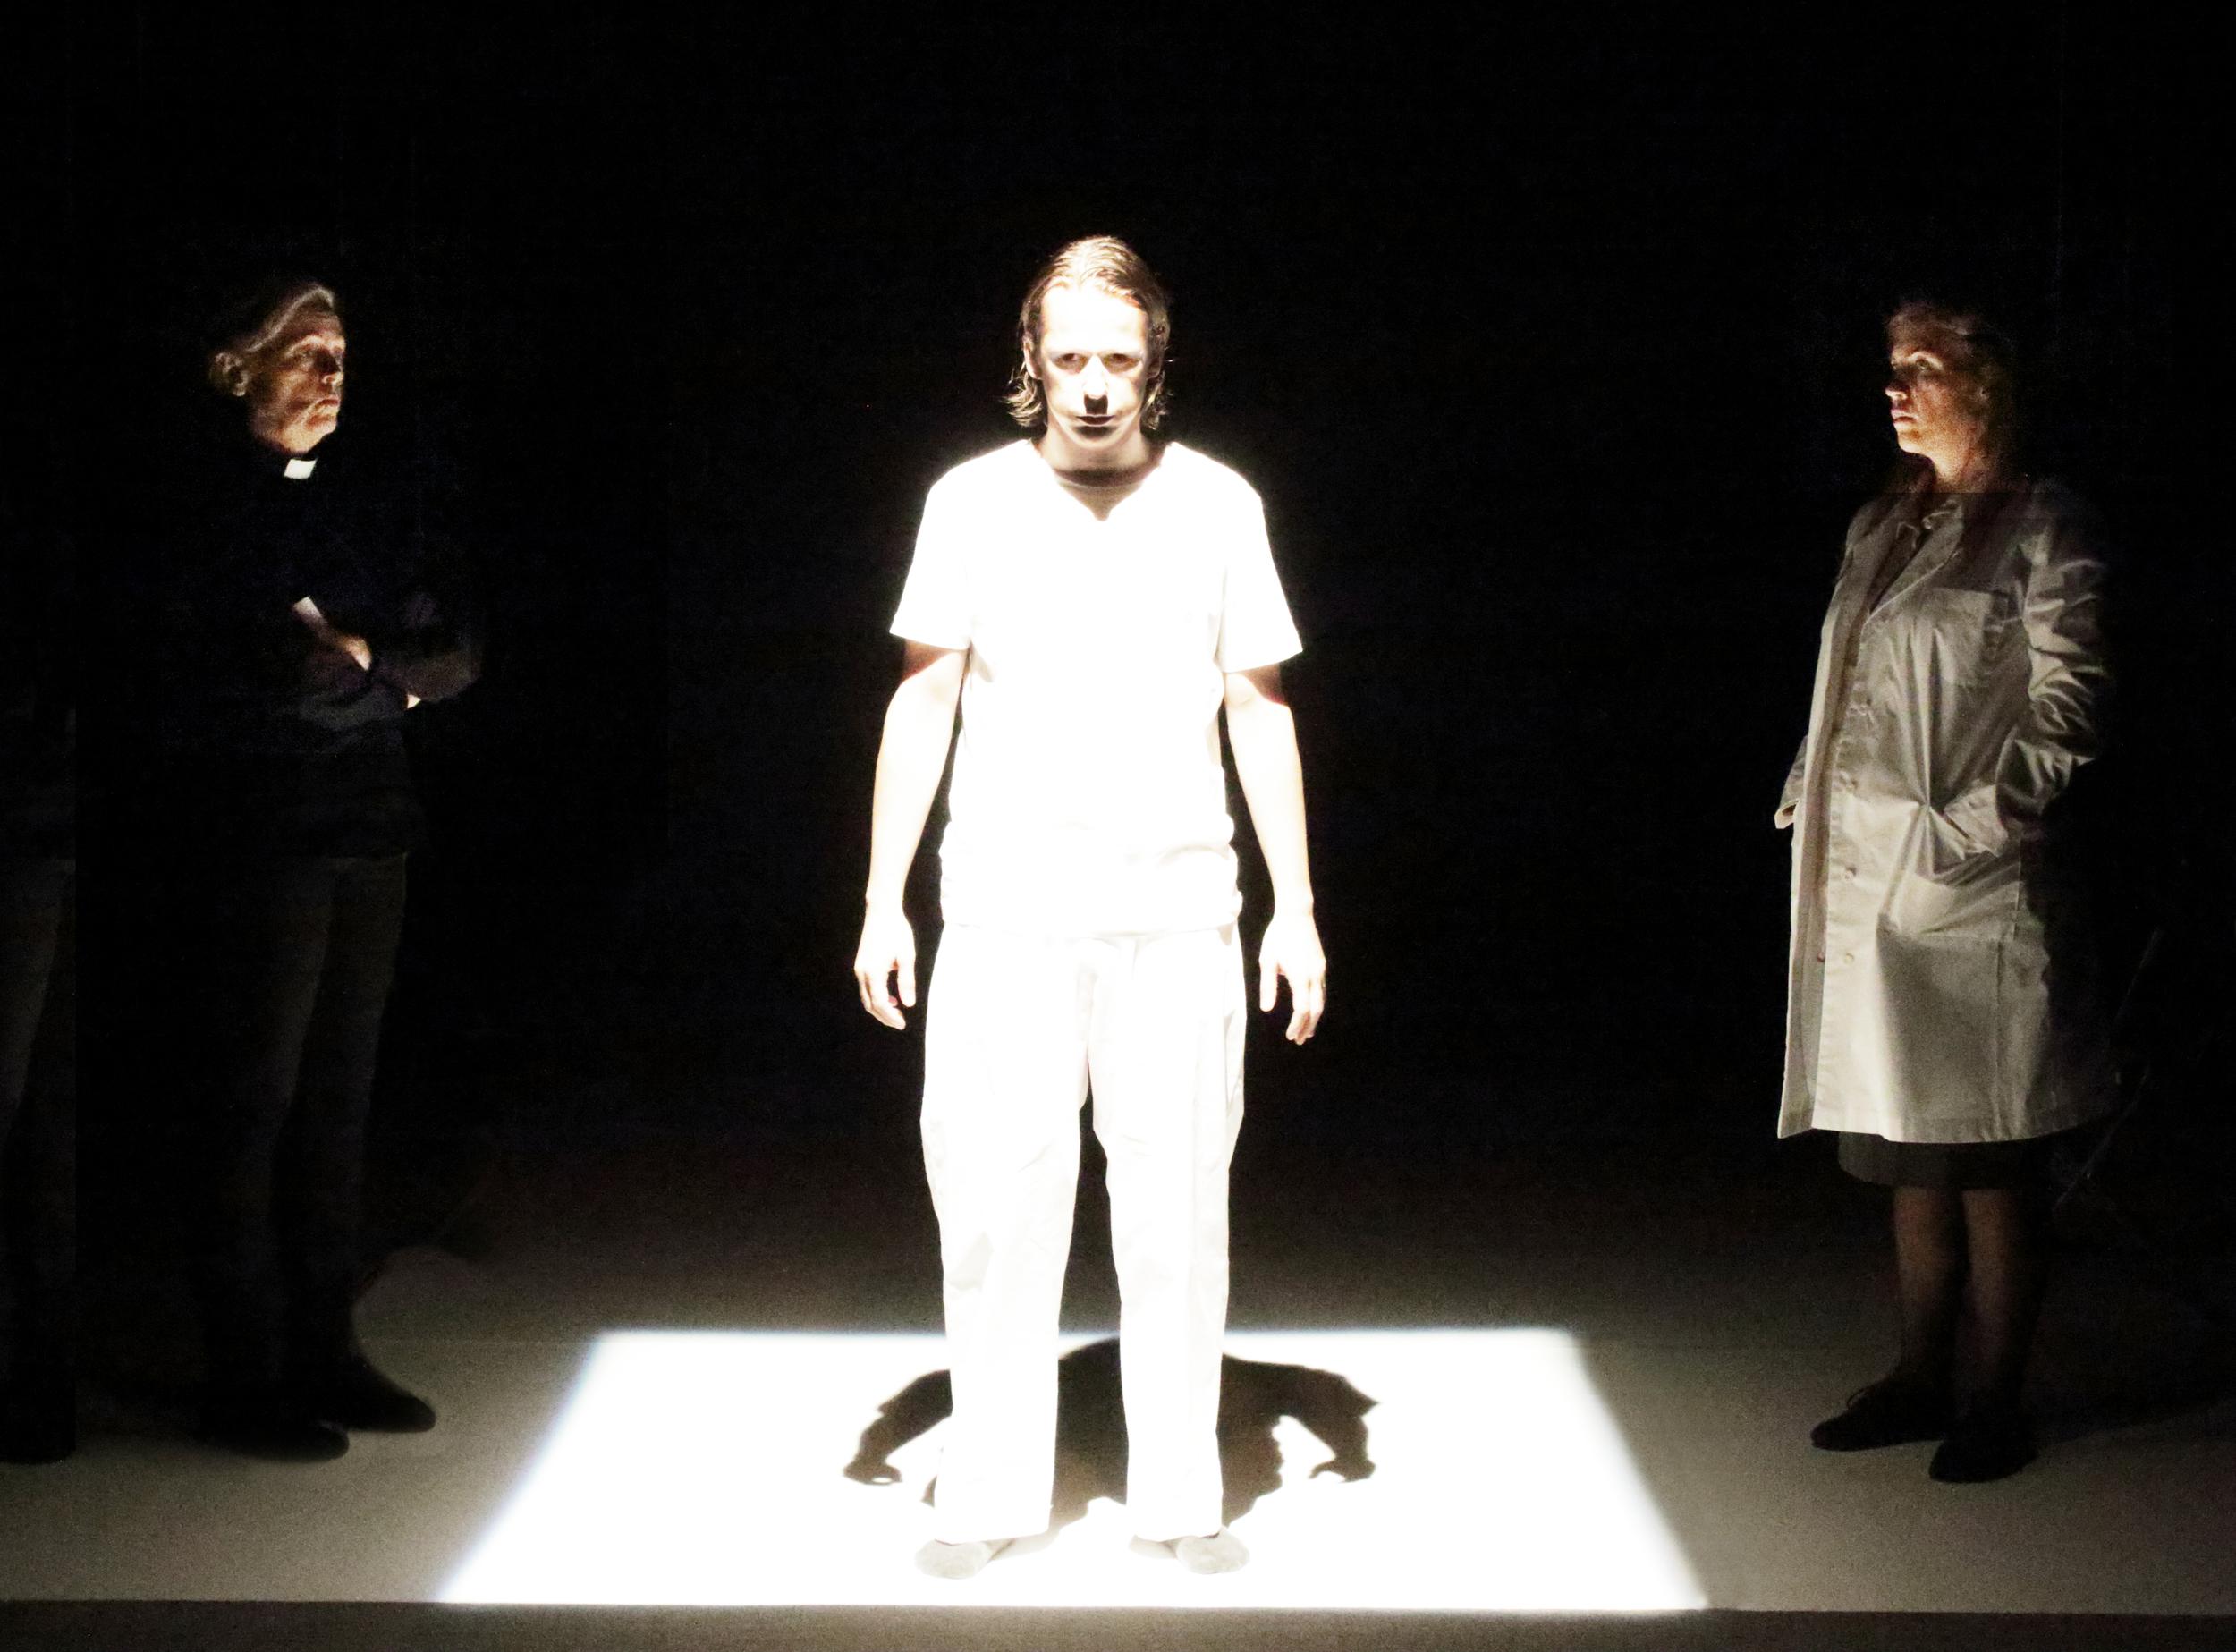 Pressbild Lodjuret: Fotograf Youlian Tabakov: från vänster Chatarina Larsson, Peter Viitanen, Julia Marko-Nord.jpg